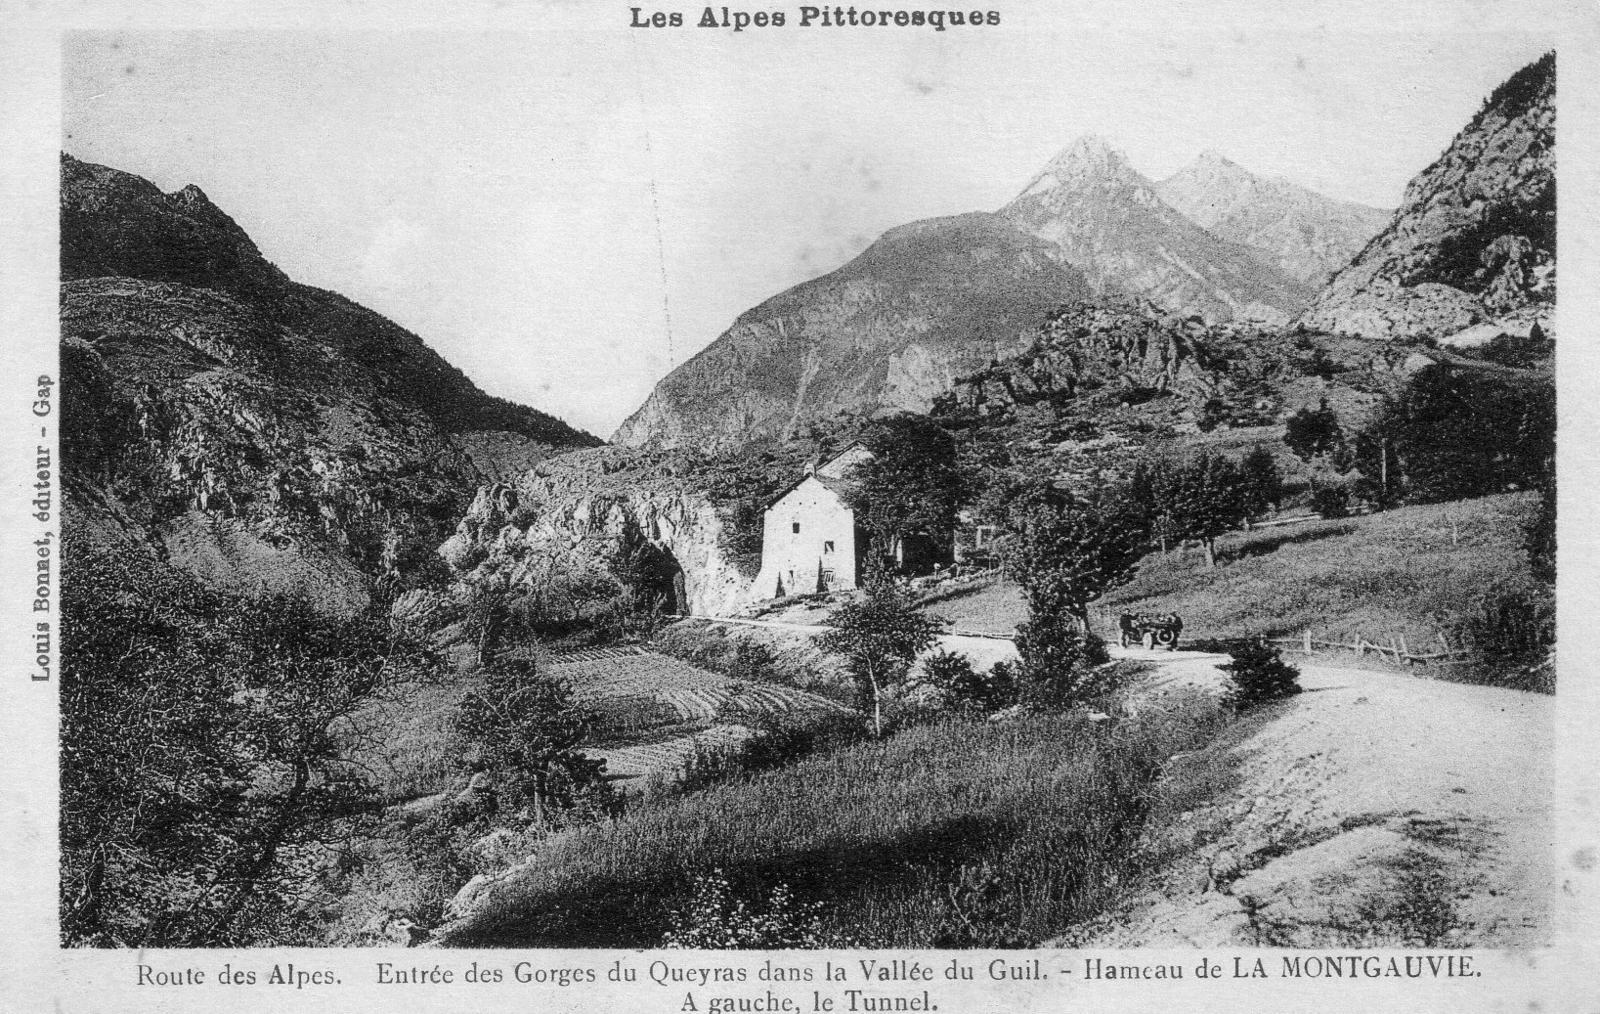 Guillestre - Les Alpes Pittoresques - Carte postale ancienne et vue d'Hier  et Aujourd'hui - Geneanet